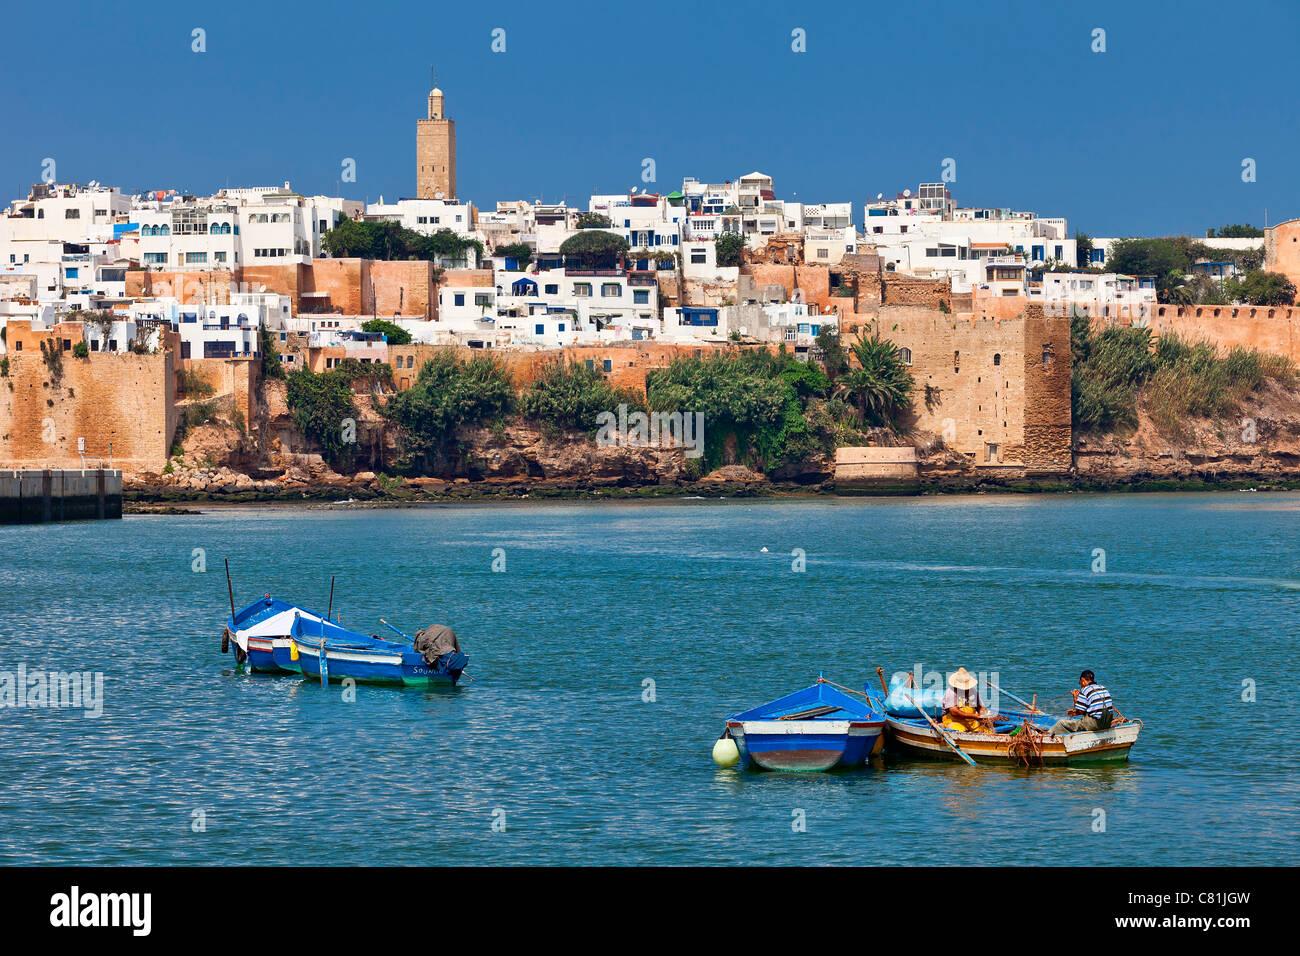 Marokko, Rabat, Bou-Regreg-Fluss und die Kasbah des Oudaias Stockbild